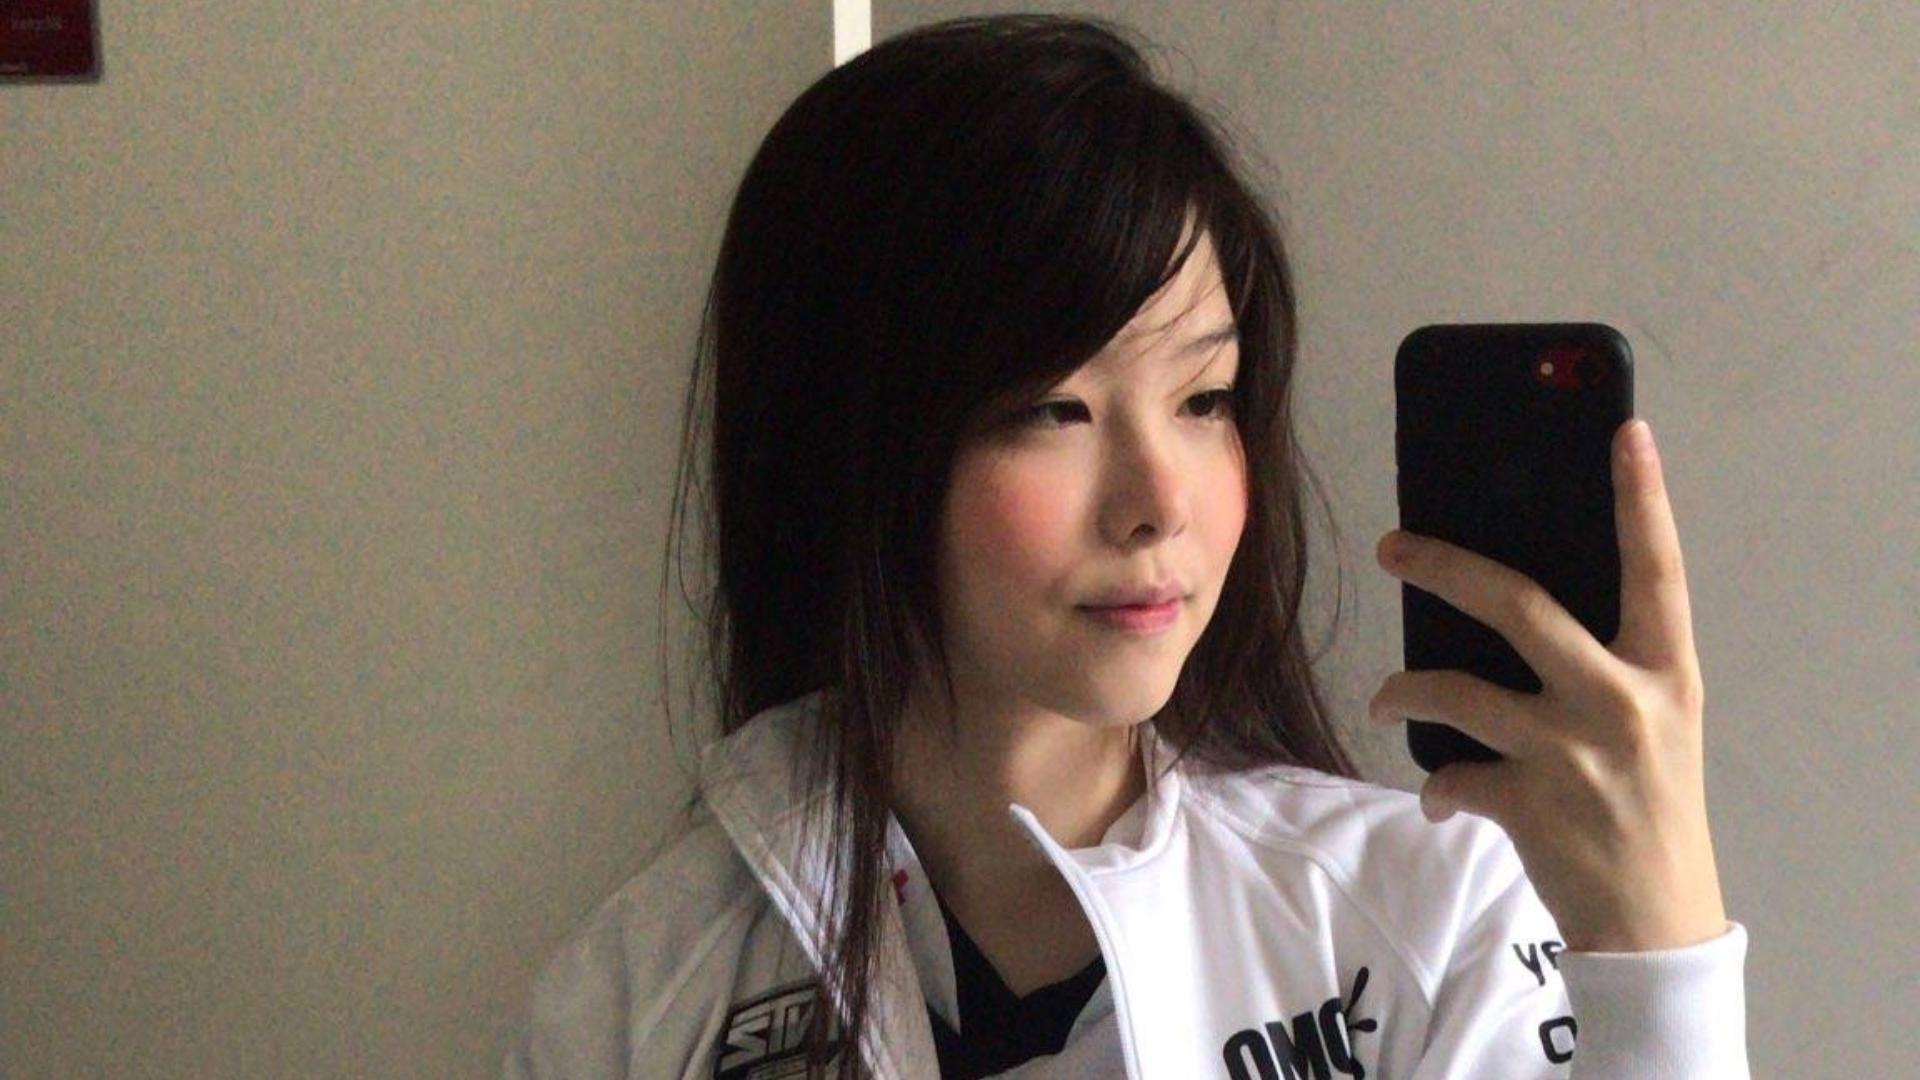 【巴西妹mayumin】日常回答6个问题(机翻警觉!)